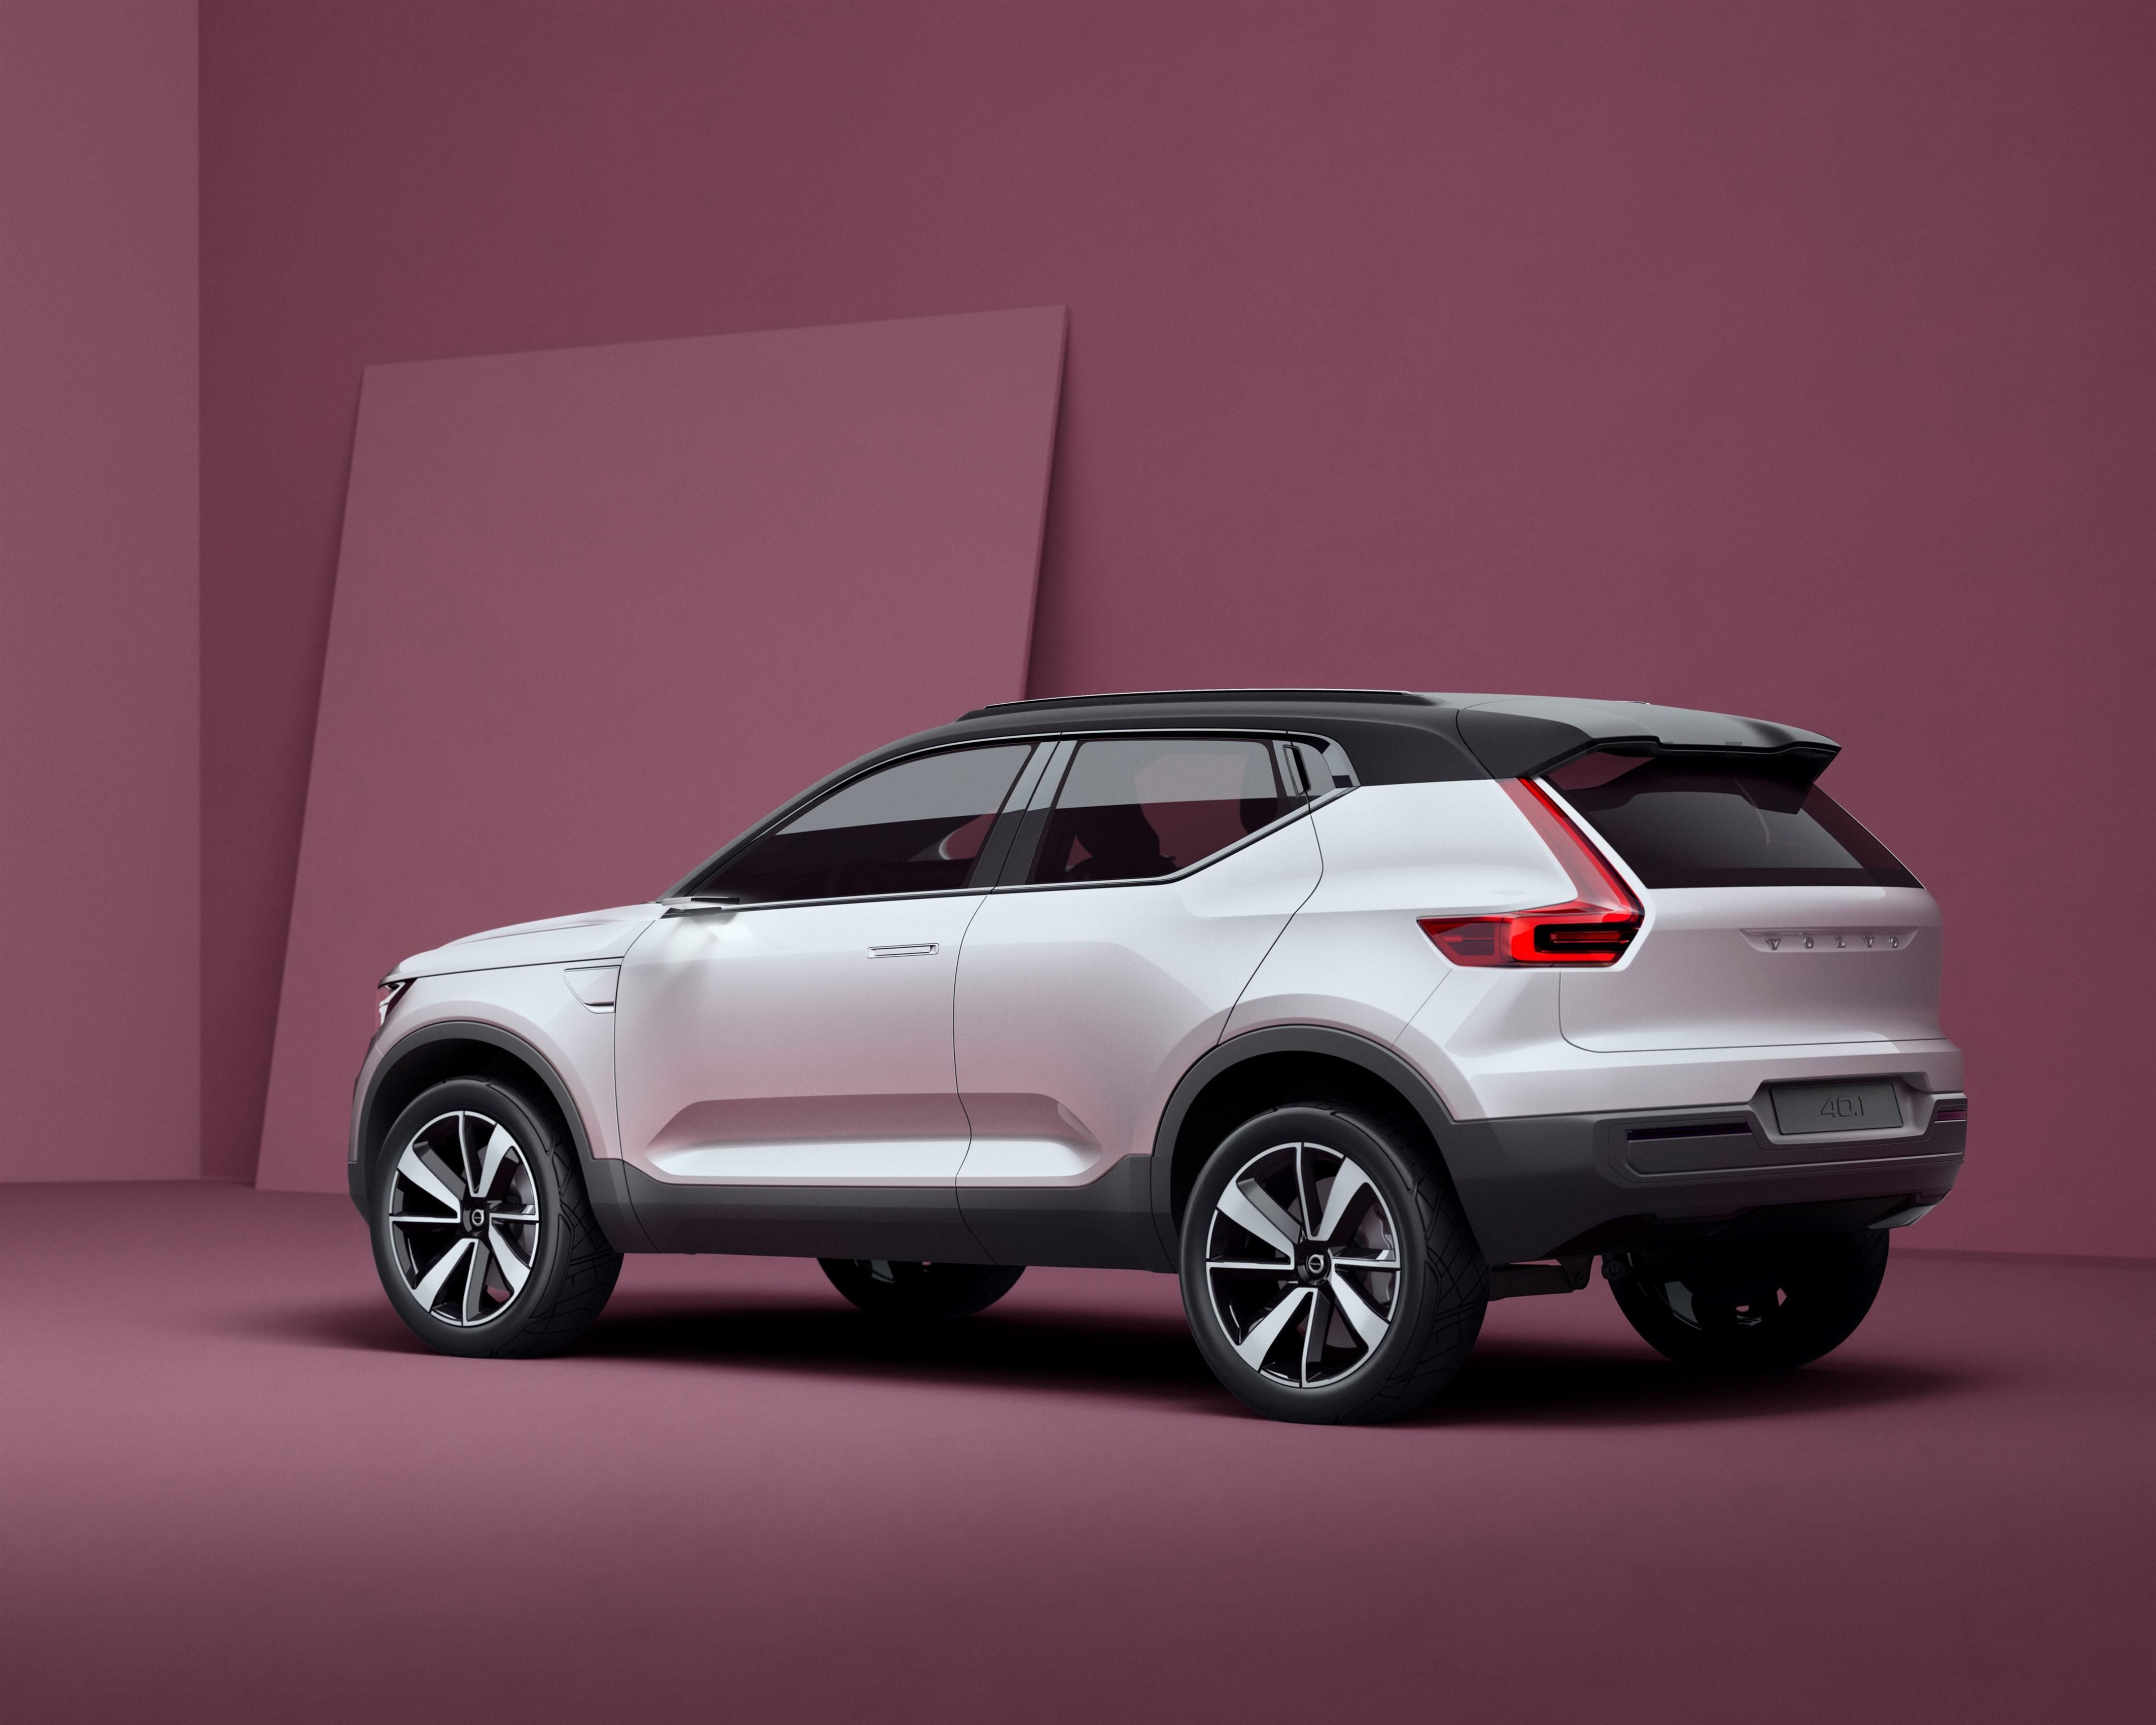 Volvo Concept 40.1 rear three-quarters